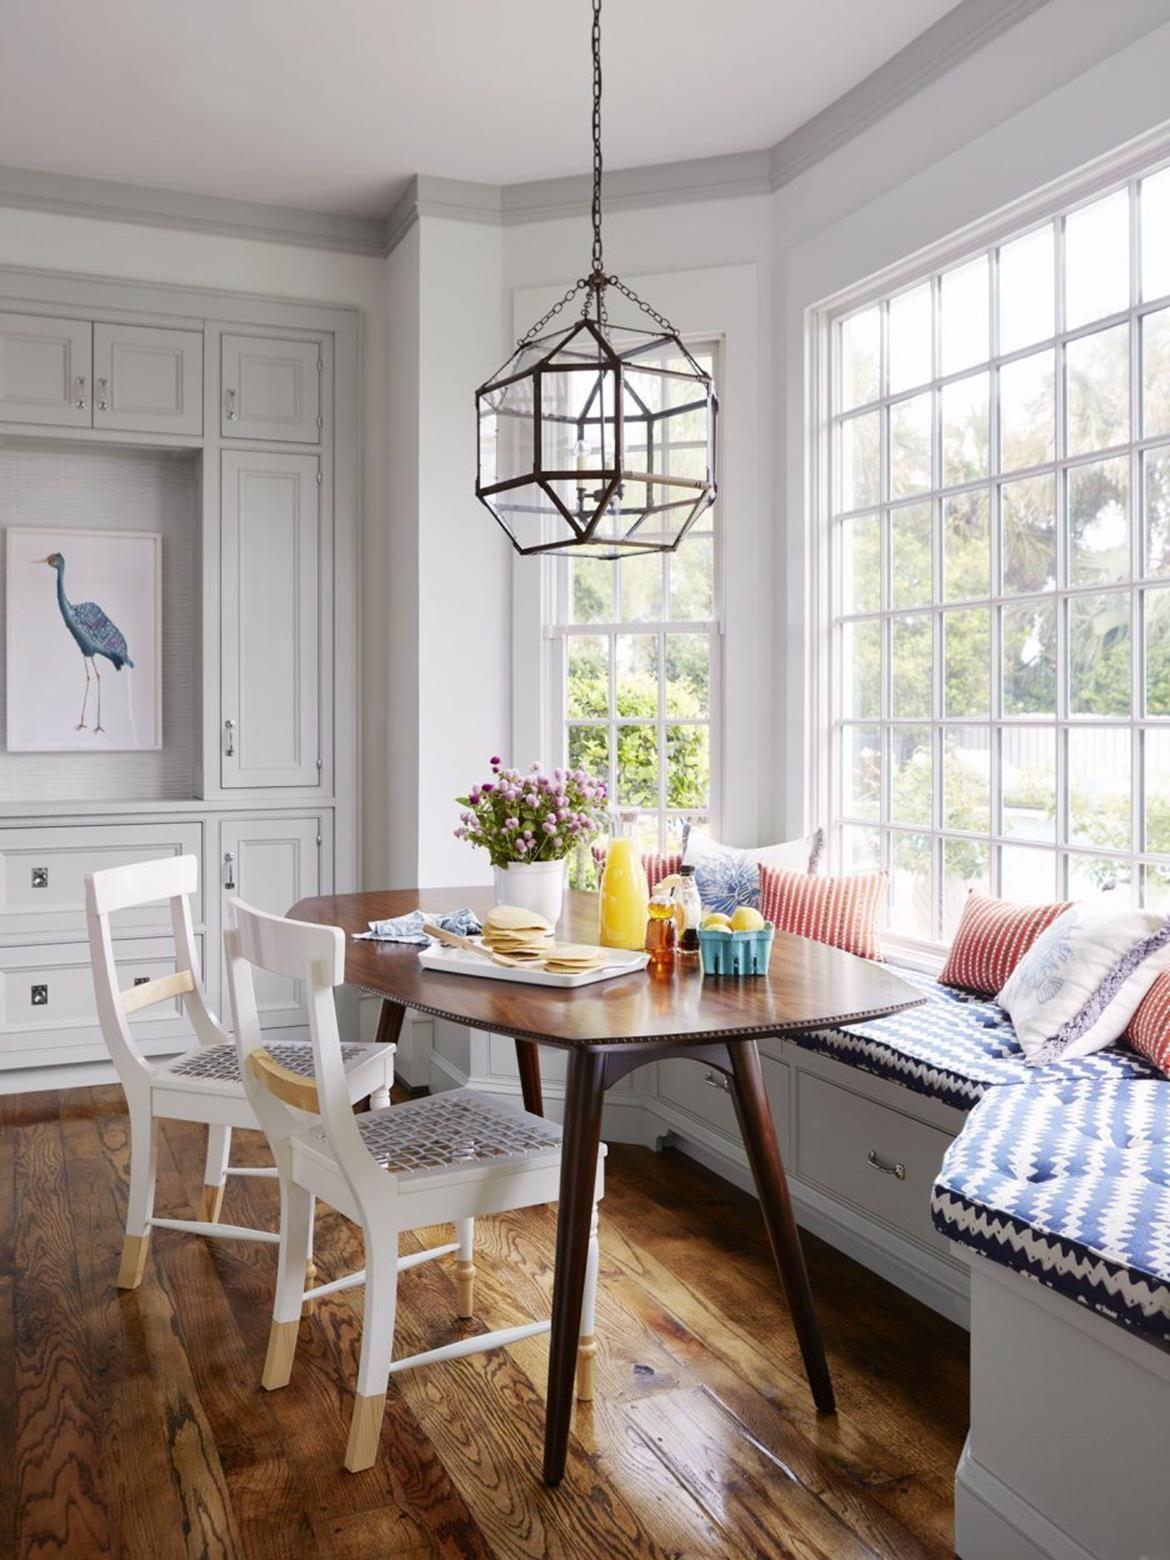 22 Stylish Kitchen Nook Lighting Design Ideas Window Seat Kitchen Banquette Seating In Kitchen Bench Seating Kitchen Kitchen nook lighting ideas